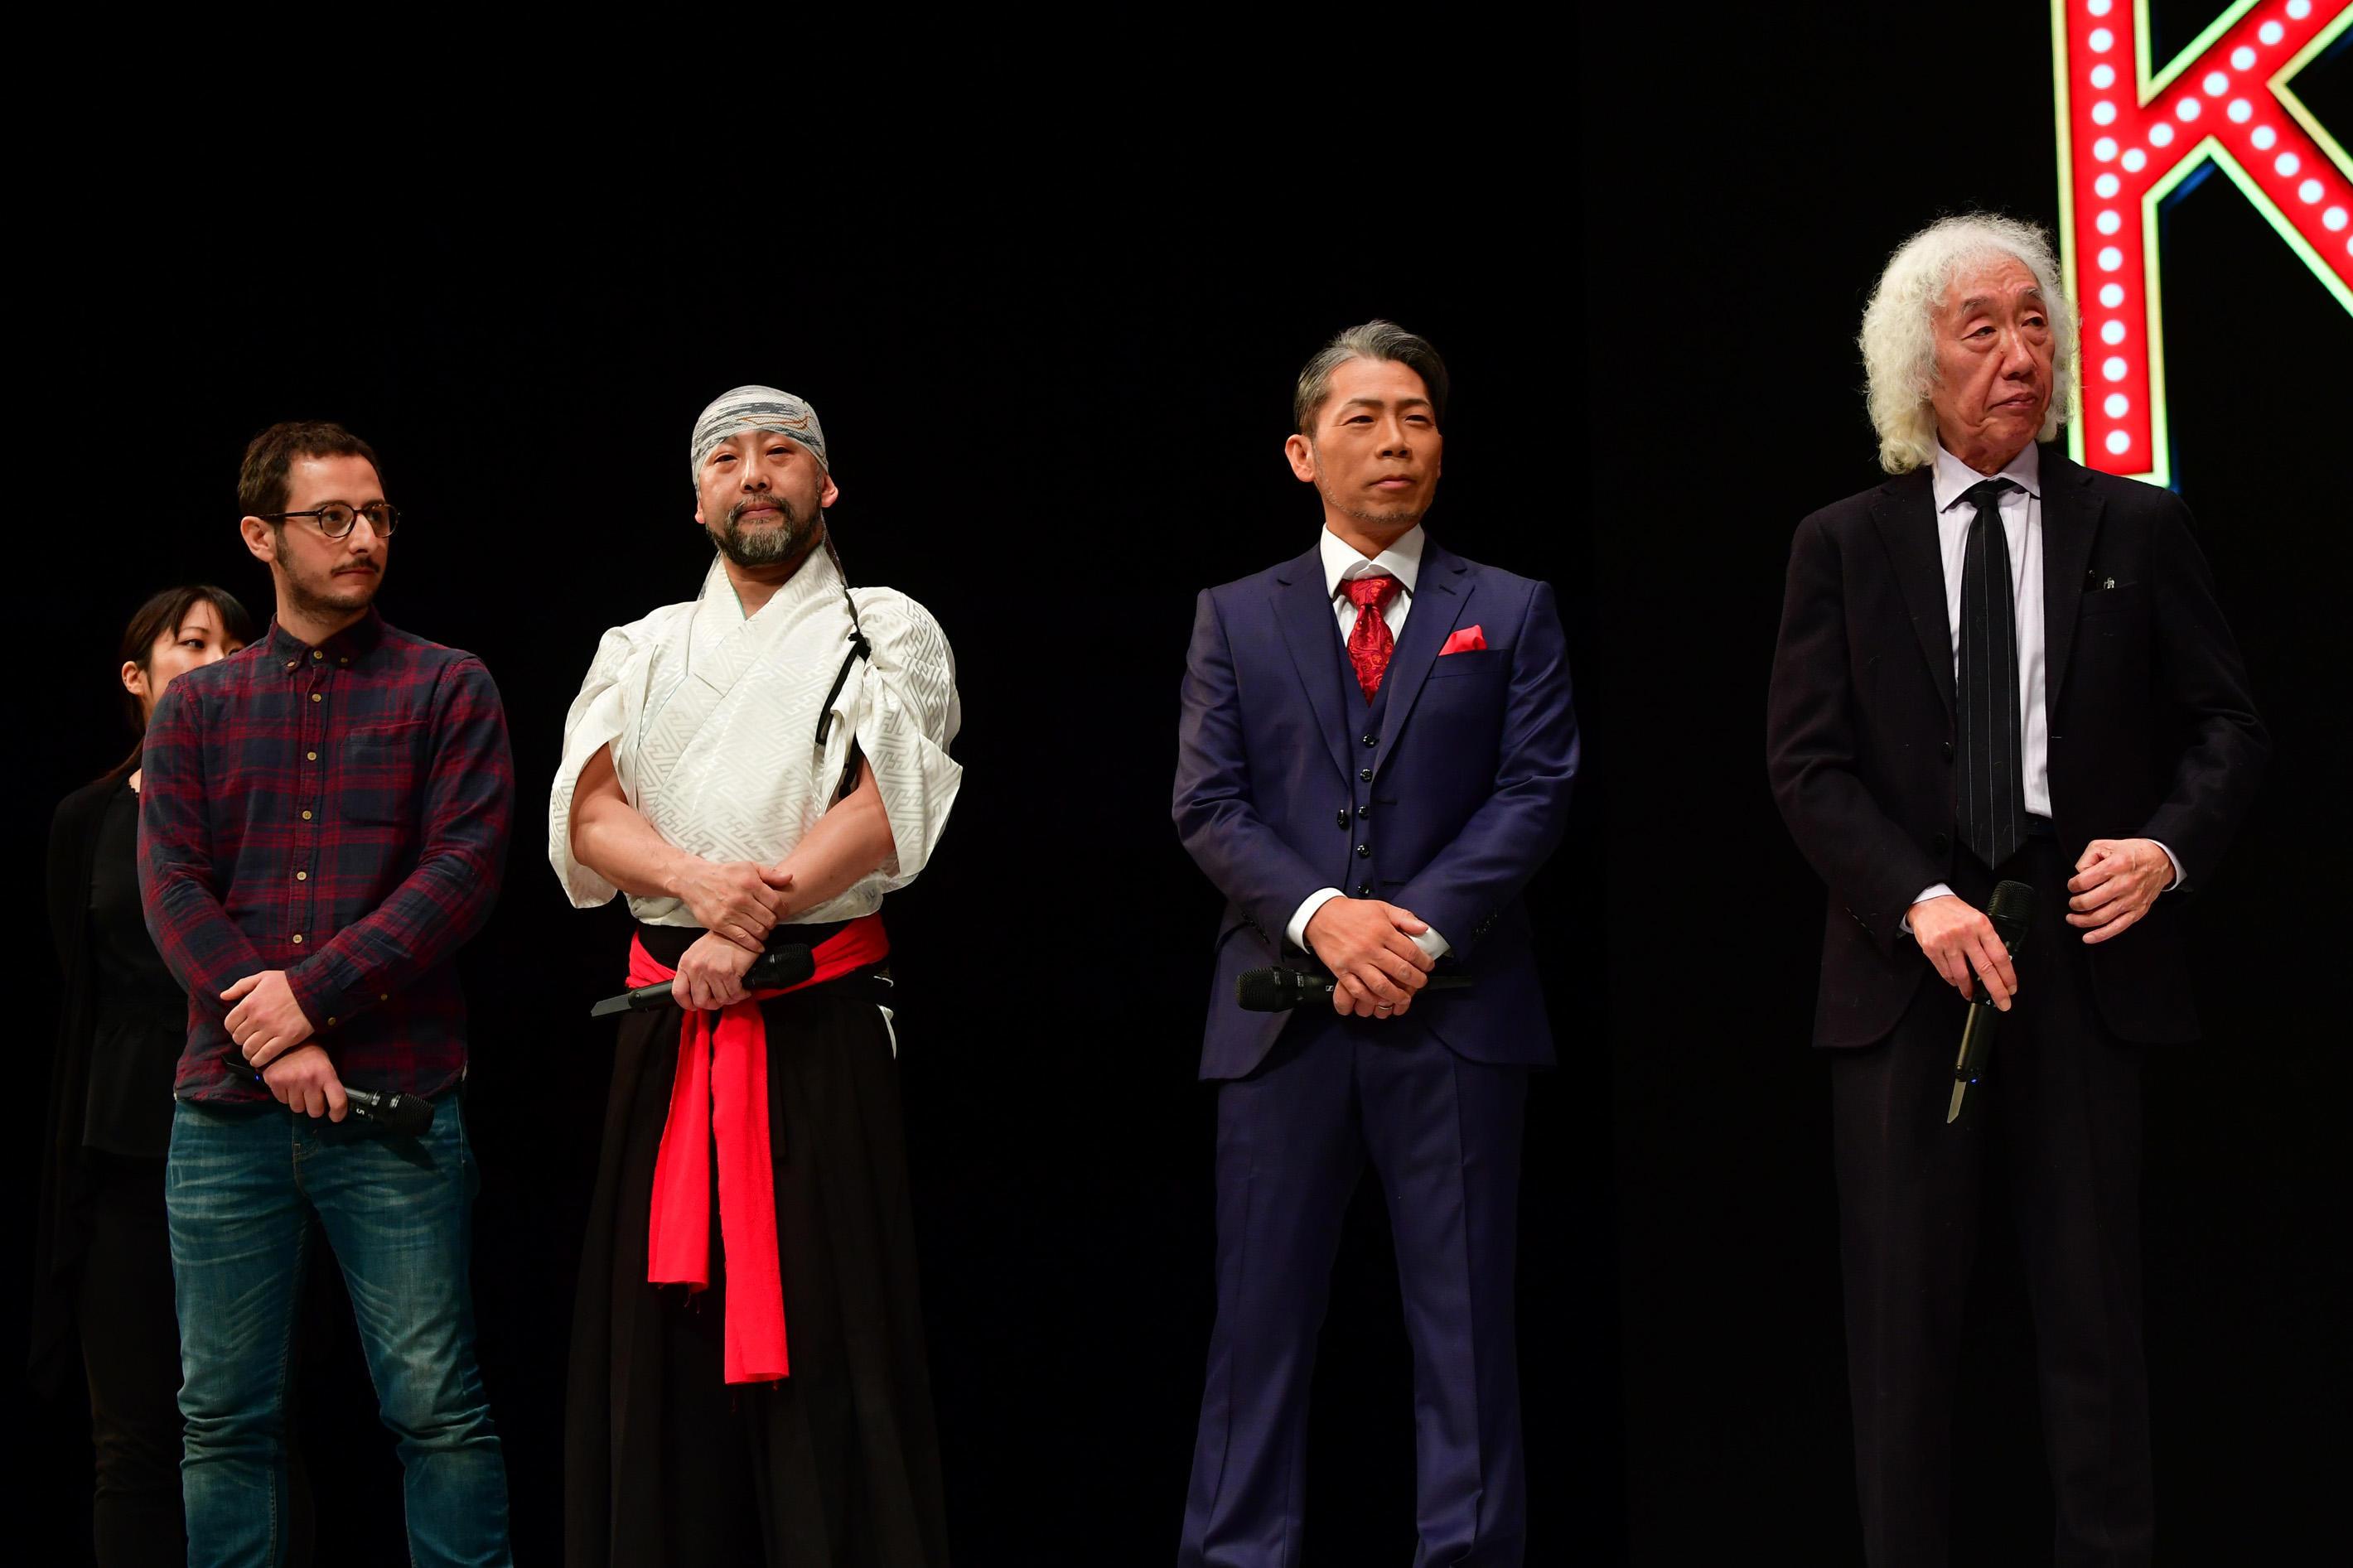 http://news.yoshimoto.co.jp/20190201192851-bdcb8286d3a6af7a66c313a5d0851b48eee41c0c.jpg